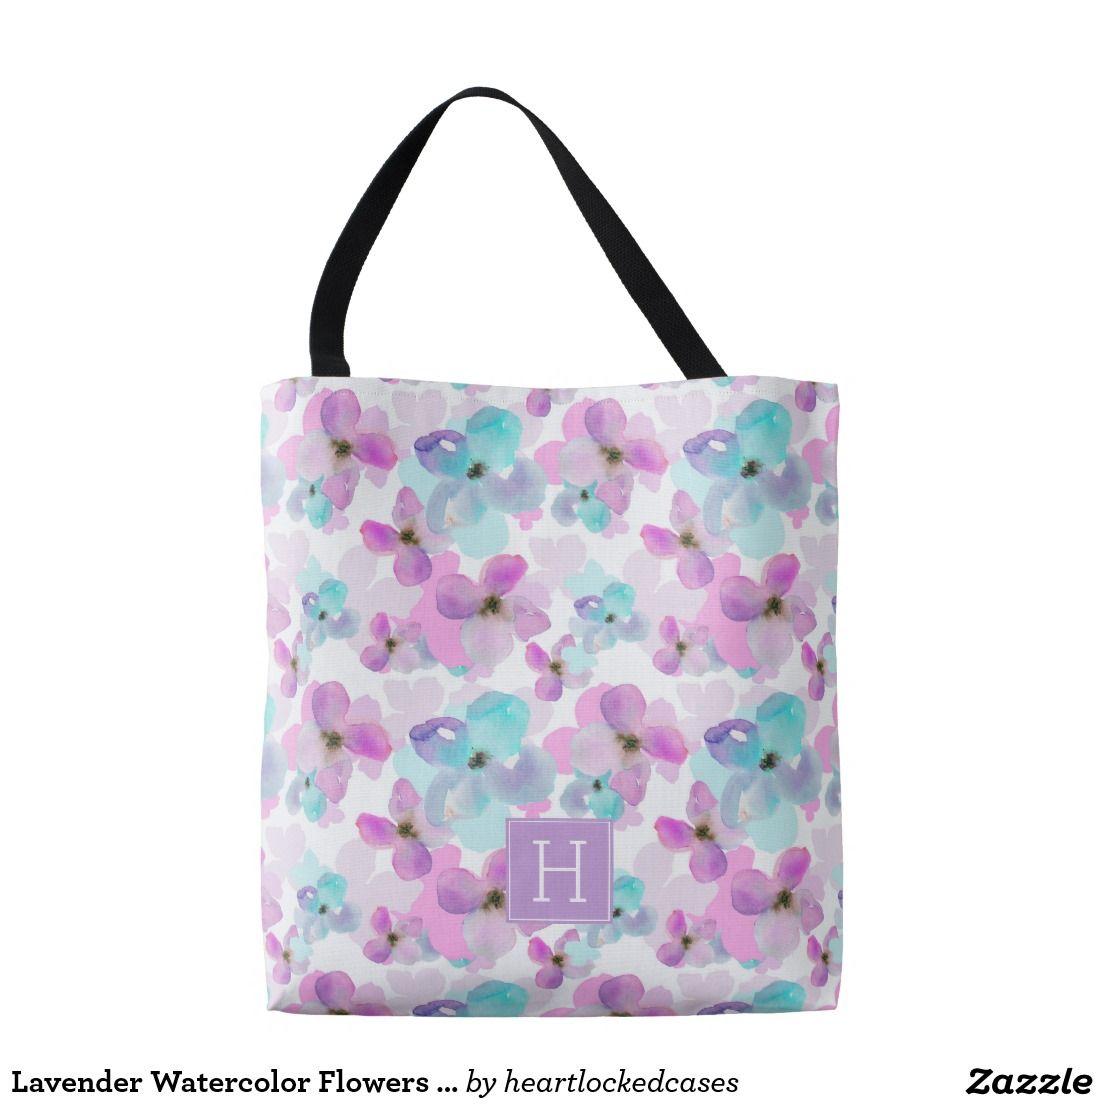 Lavender Watercolor Flowers Monogram Tote Bag